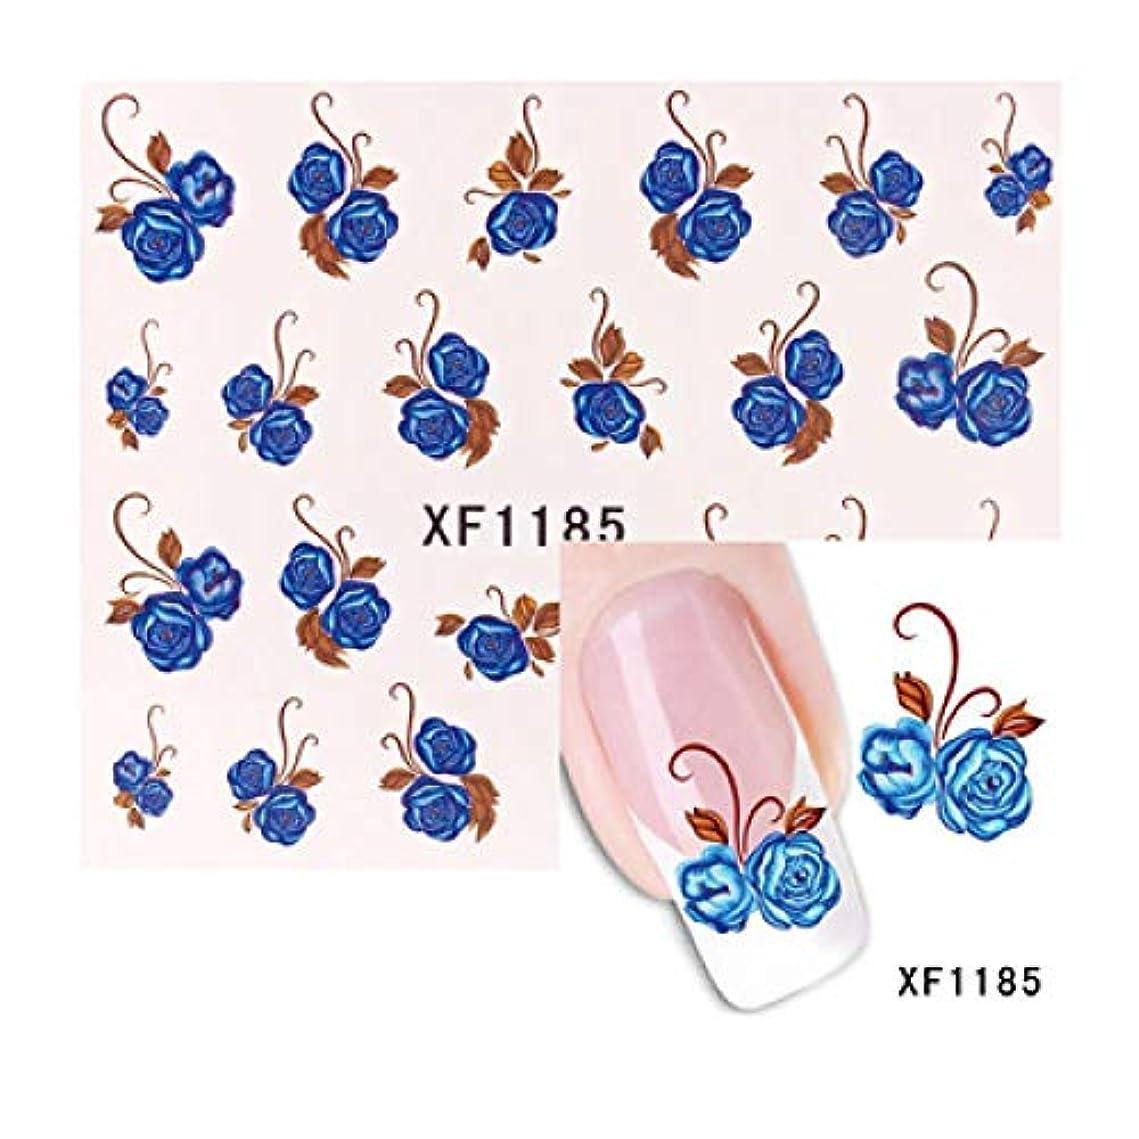 収容する明確なコンドームSUKTI&XIAO ネイルステッカー 1シート水転写ネイルアートステッカー花蝶デザインネイルラップステッカーヒント用品デカール、Xf1185